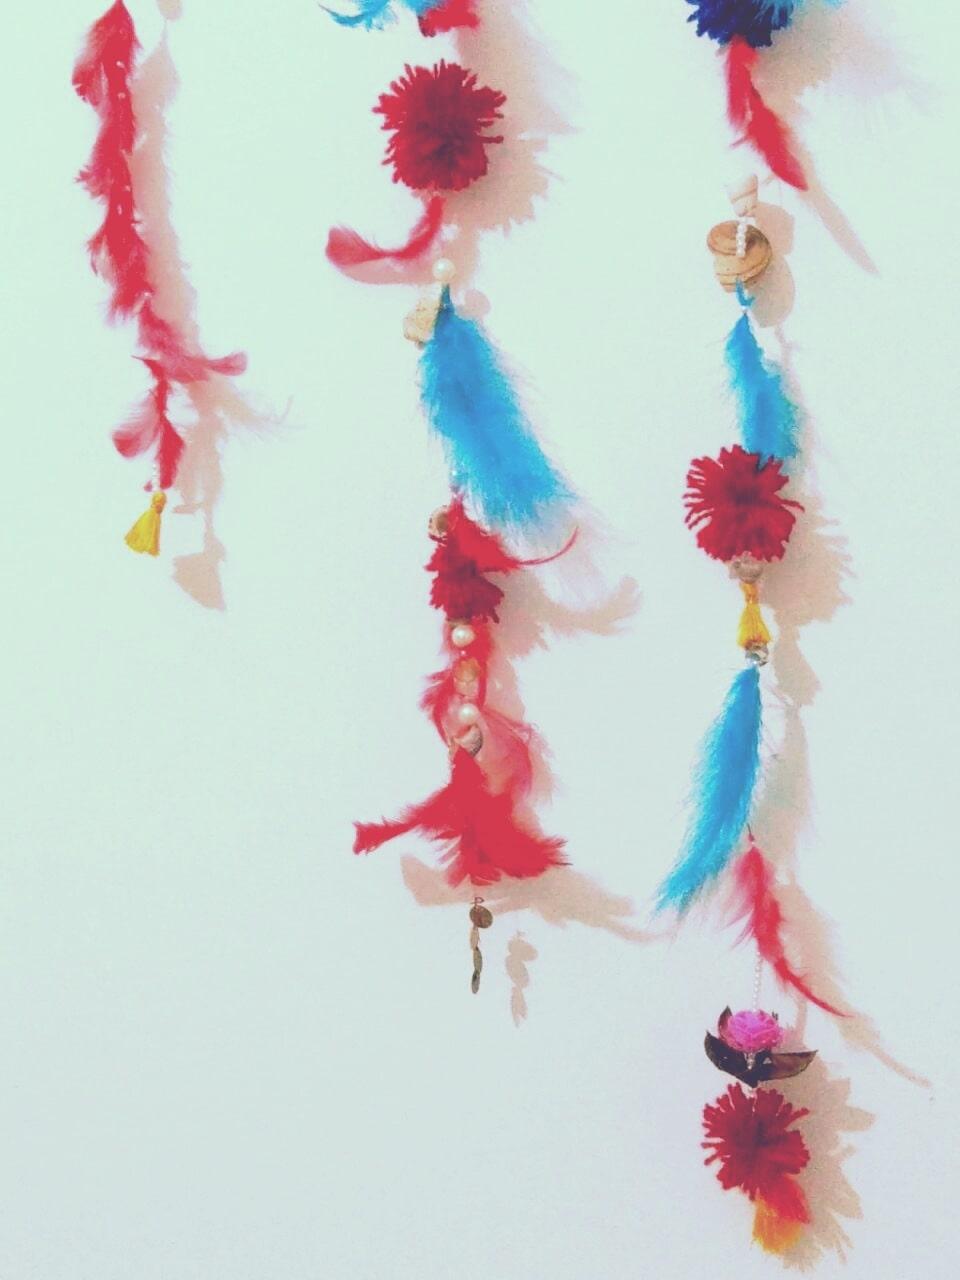 my feather woohoo 🌌🍃🌌 #mywork  #handmade #craftwork #leisuretime #feathers #seashells #pearls #tassels #pompoms